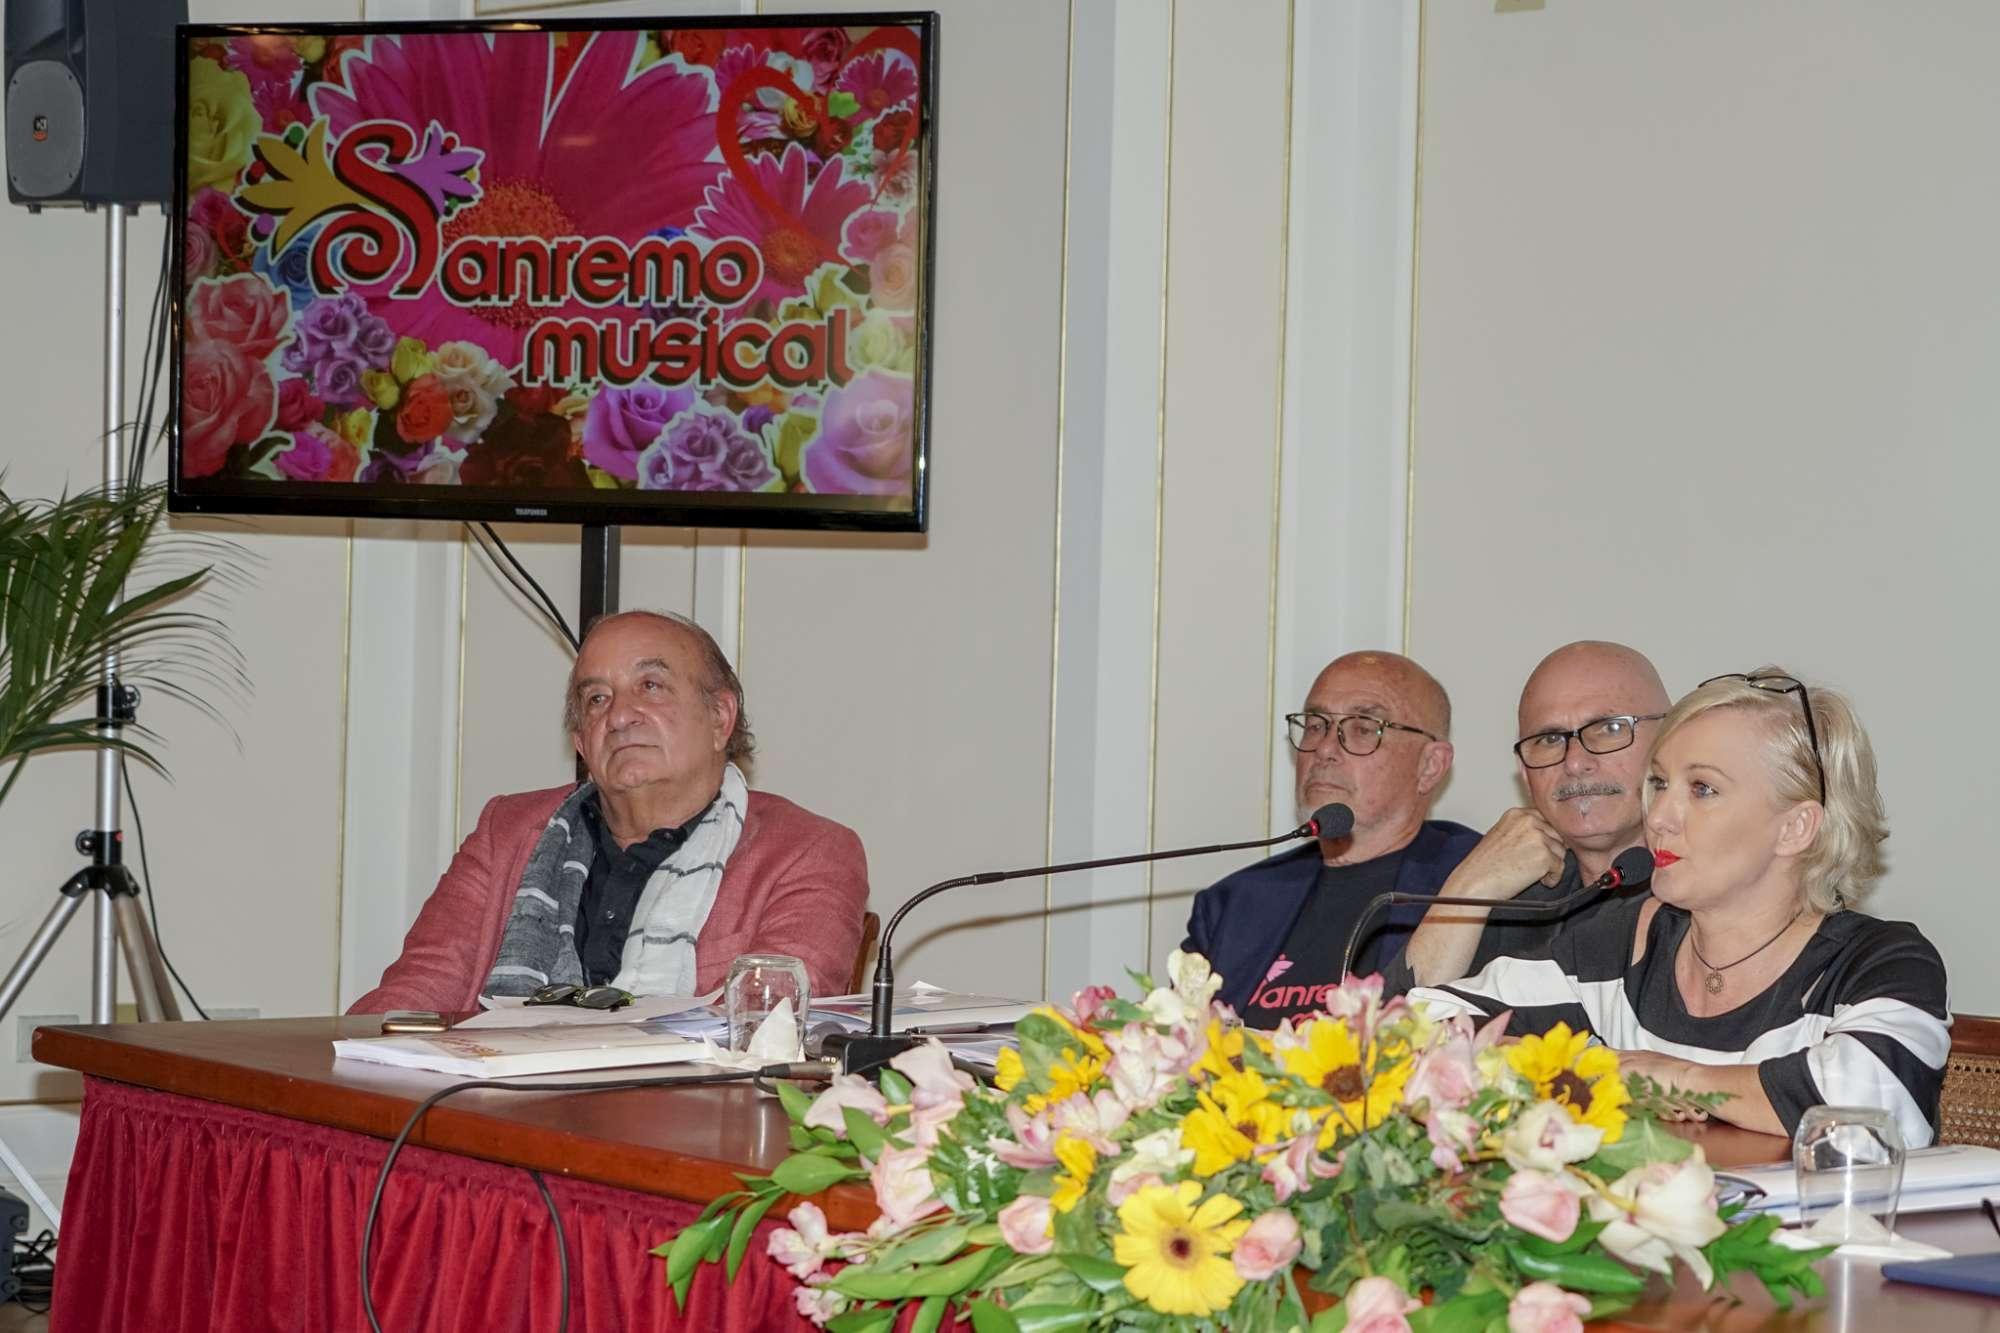 Sanremo Musical, la presentazione nella città dei fiori